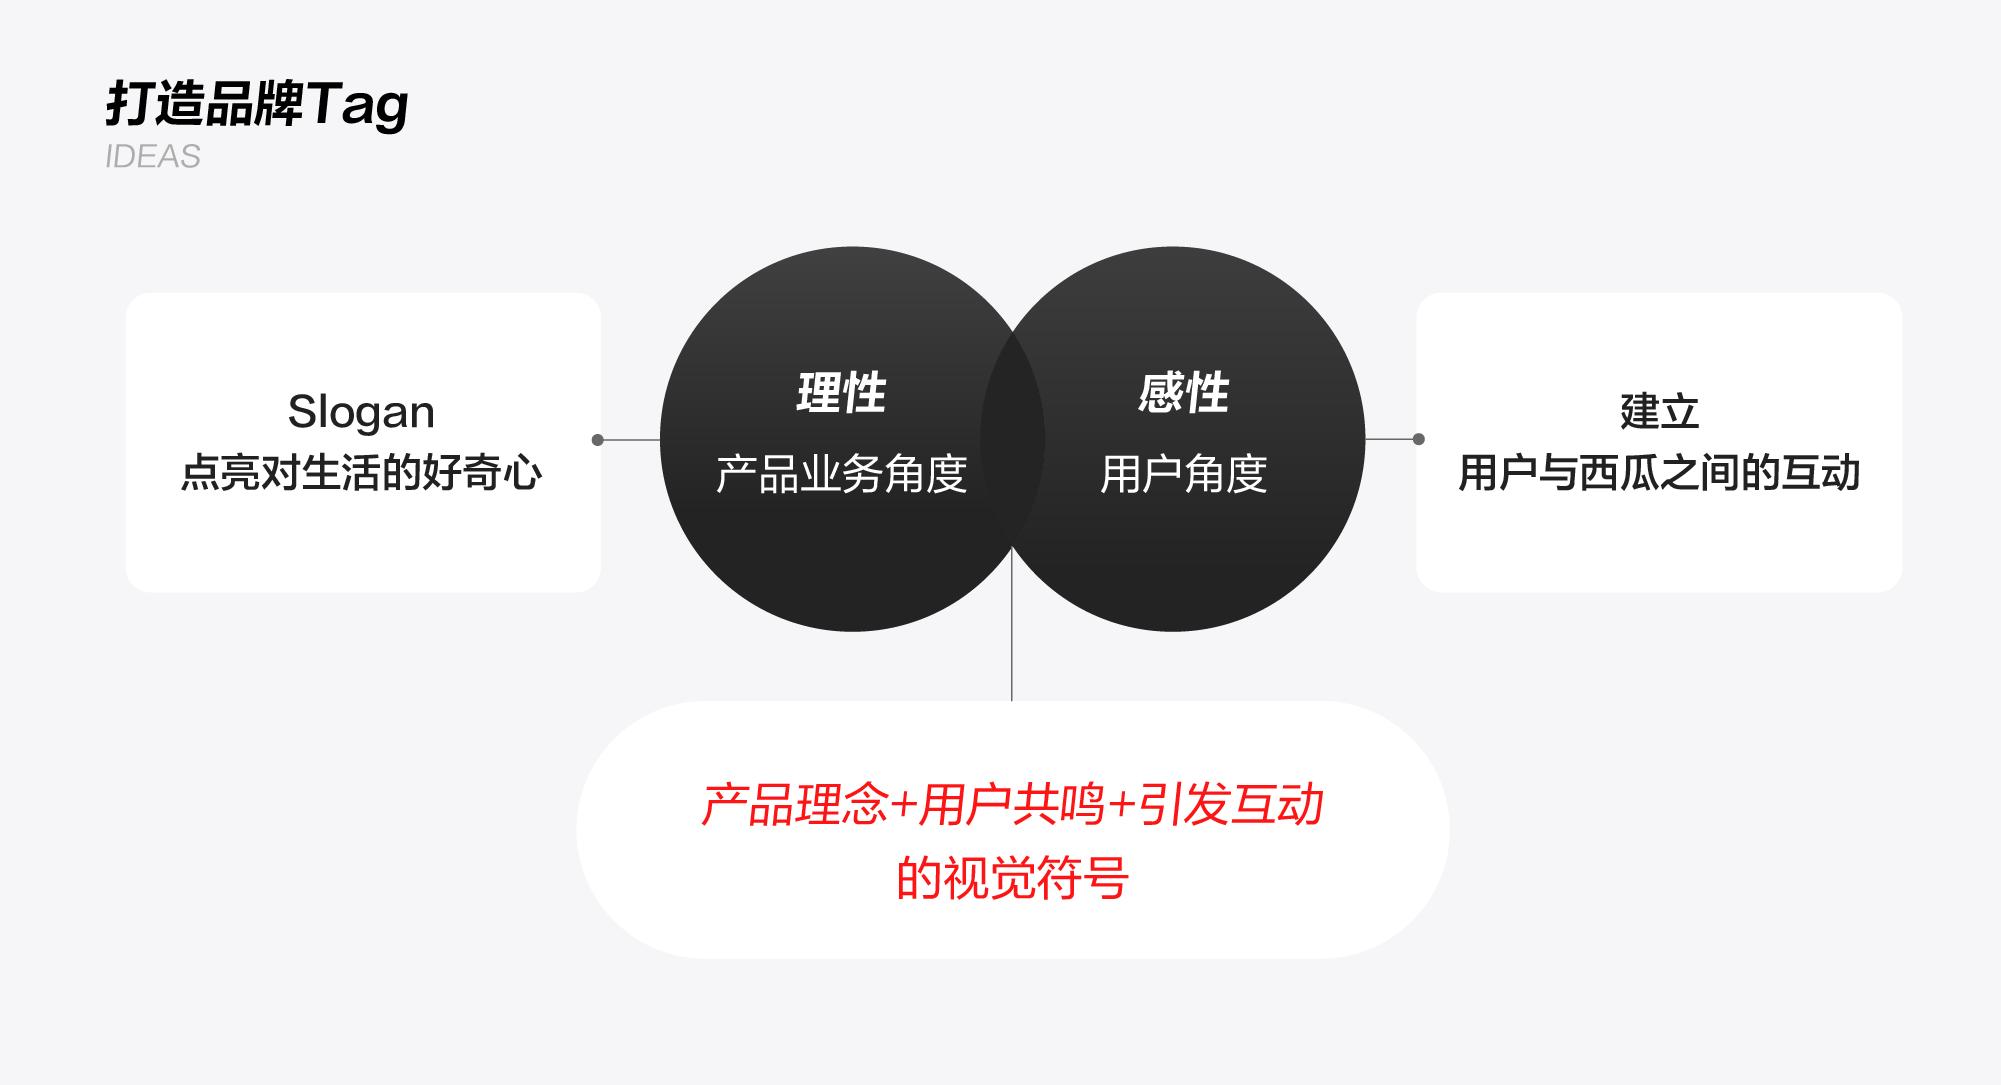 西瓜视频品牌升级大揭秘!